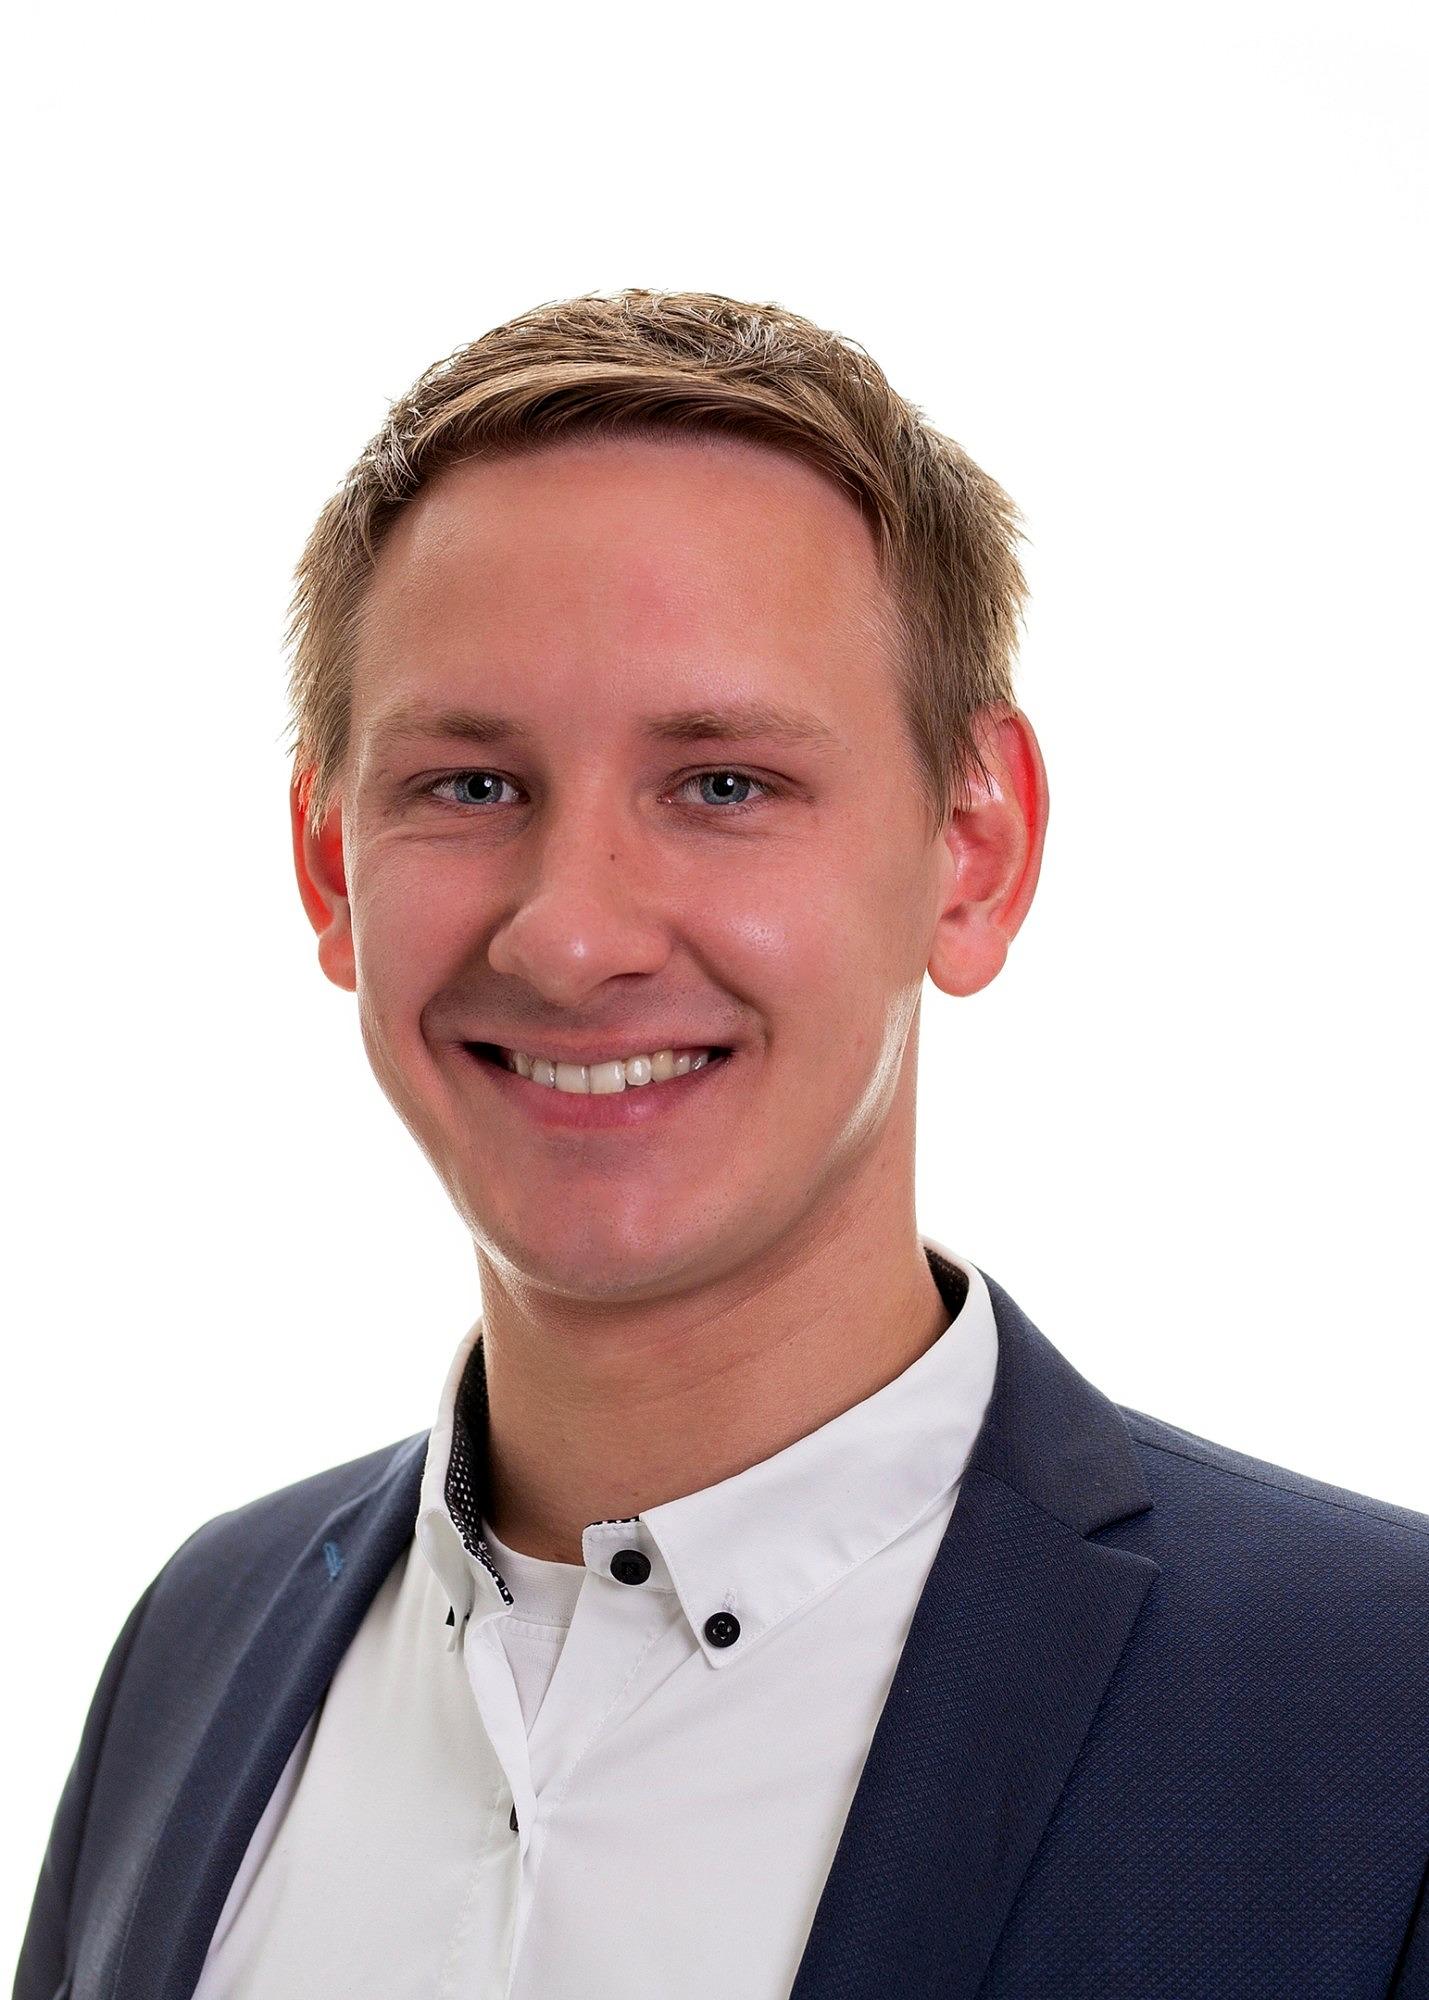 Steffen Weghorn